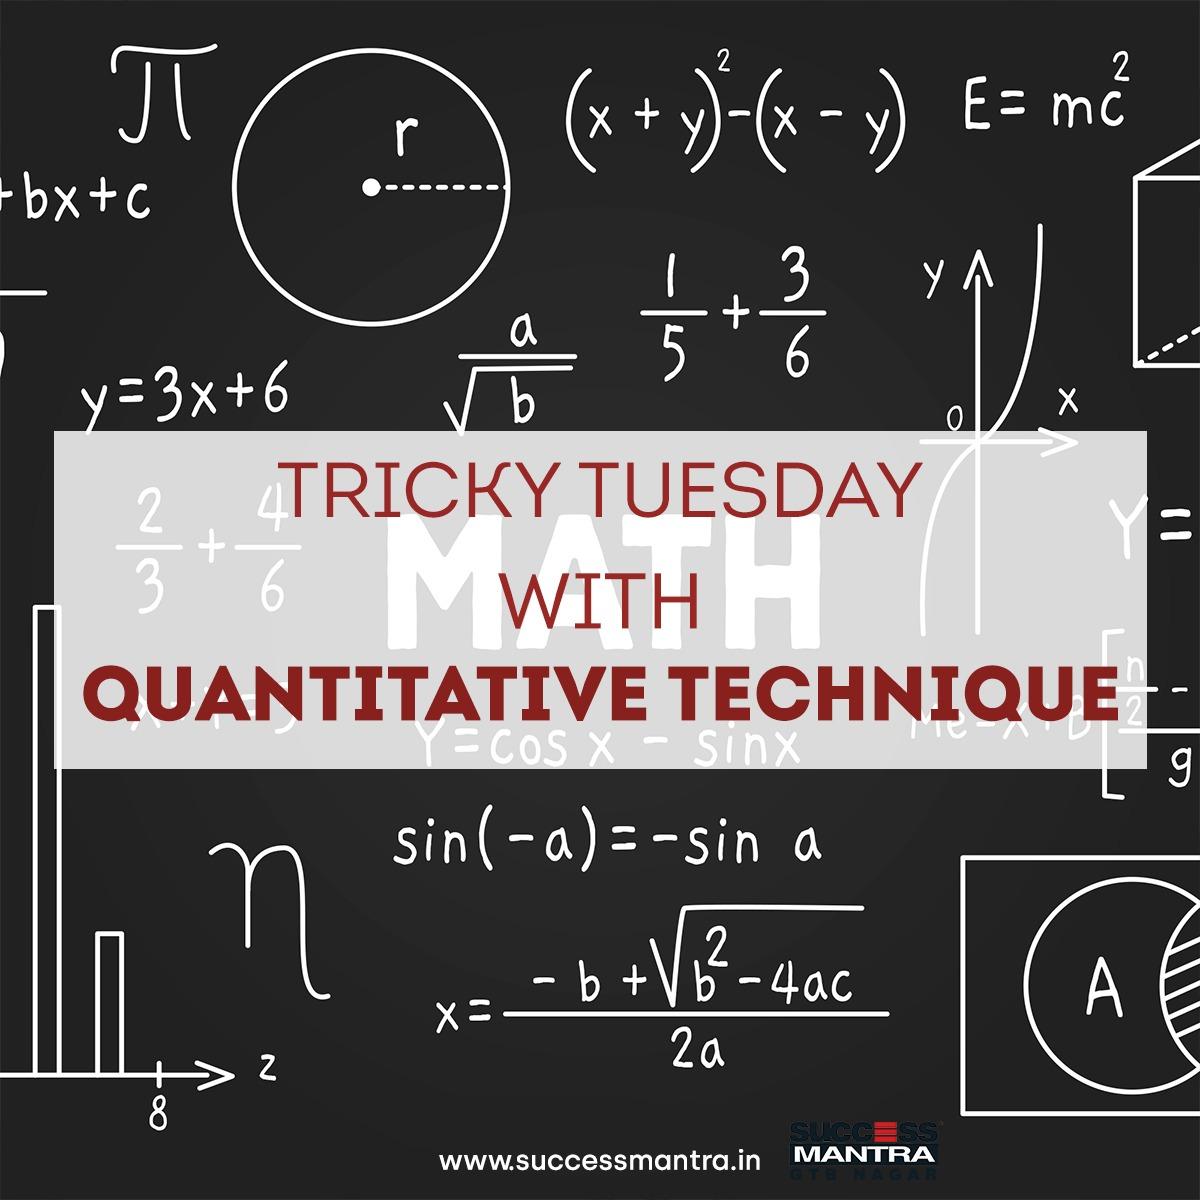 Questions On Quantitative Techniques SMQTQ038